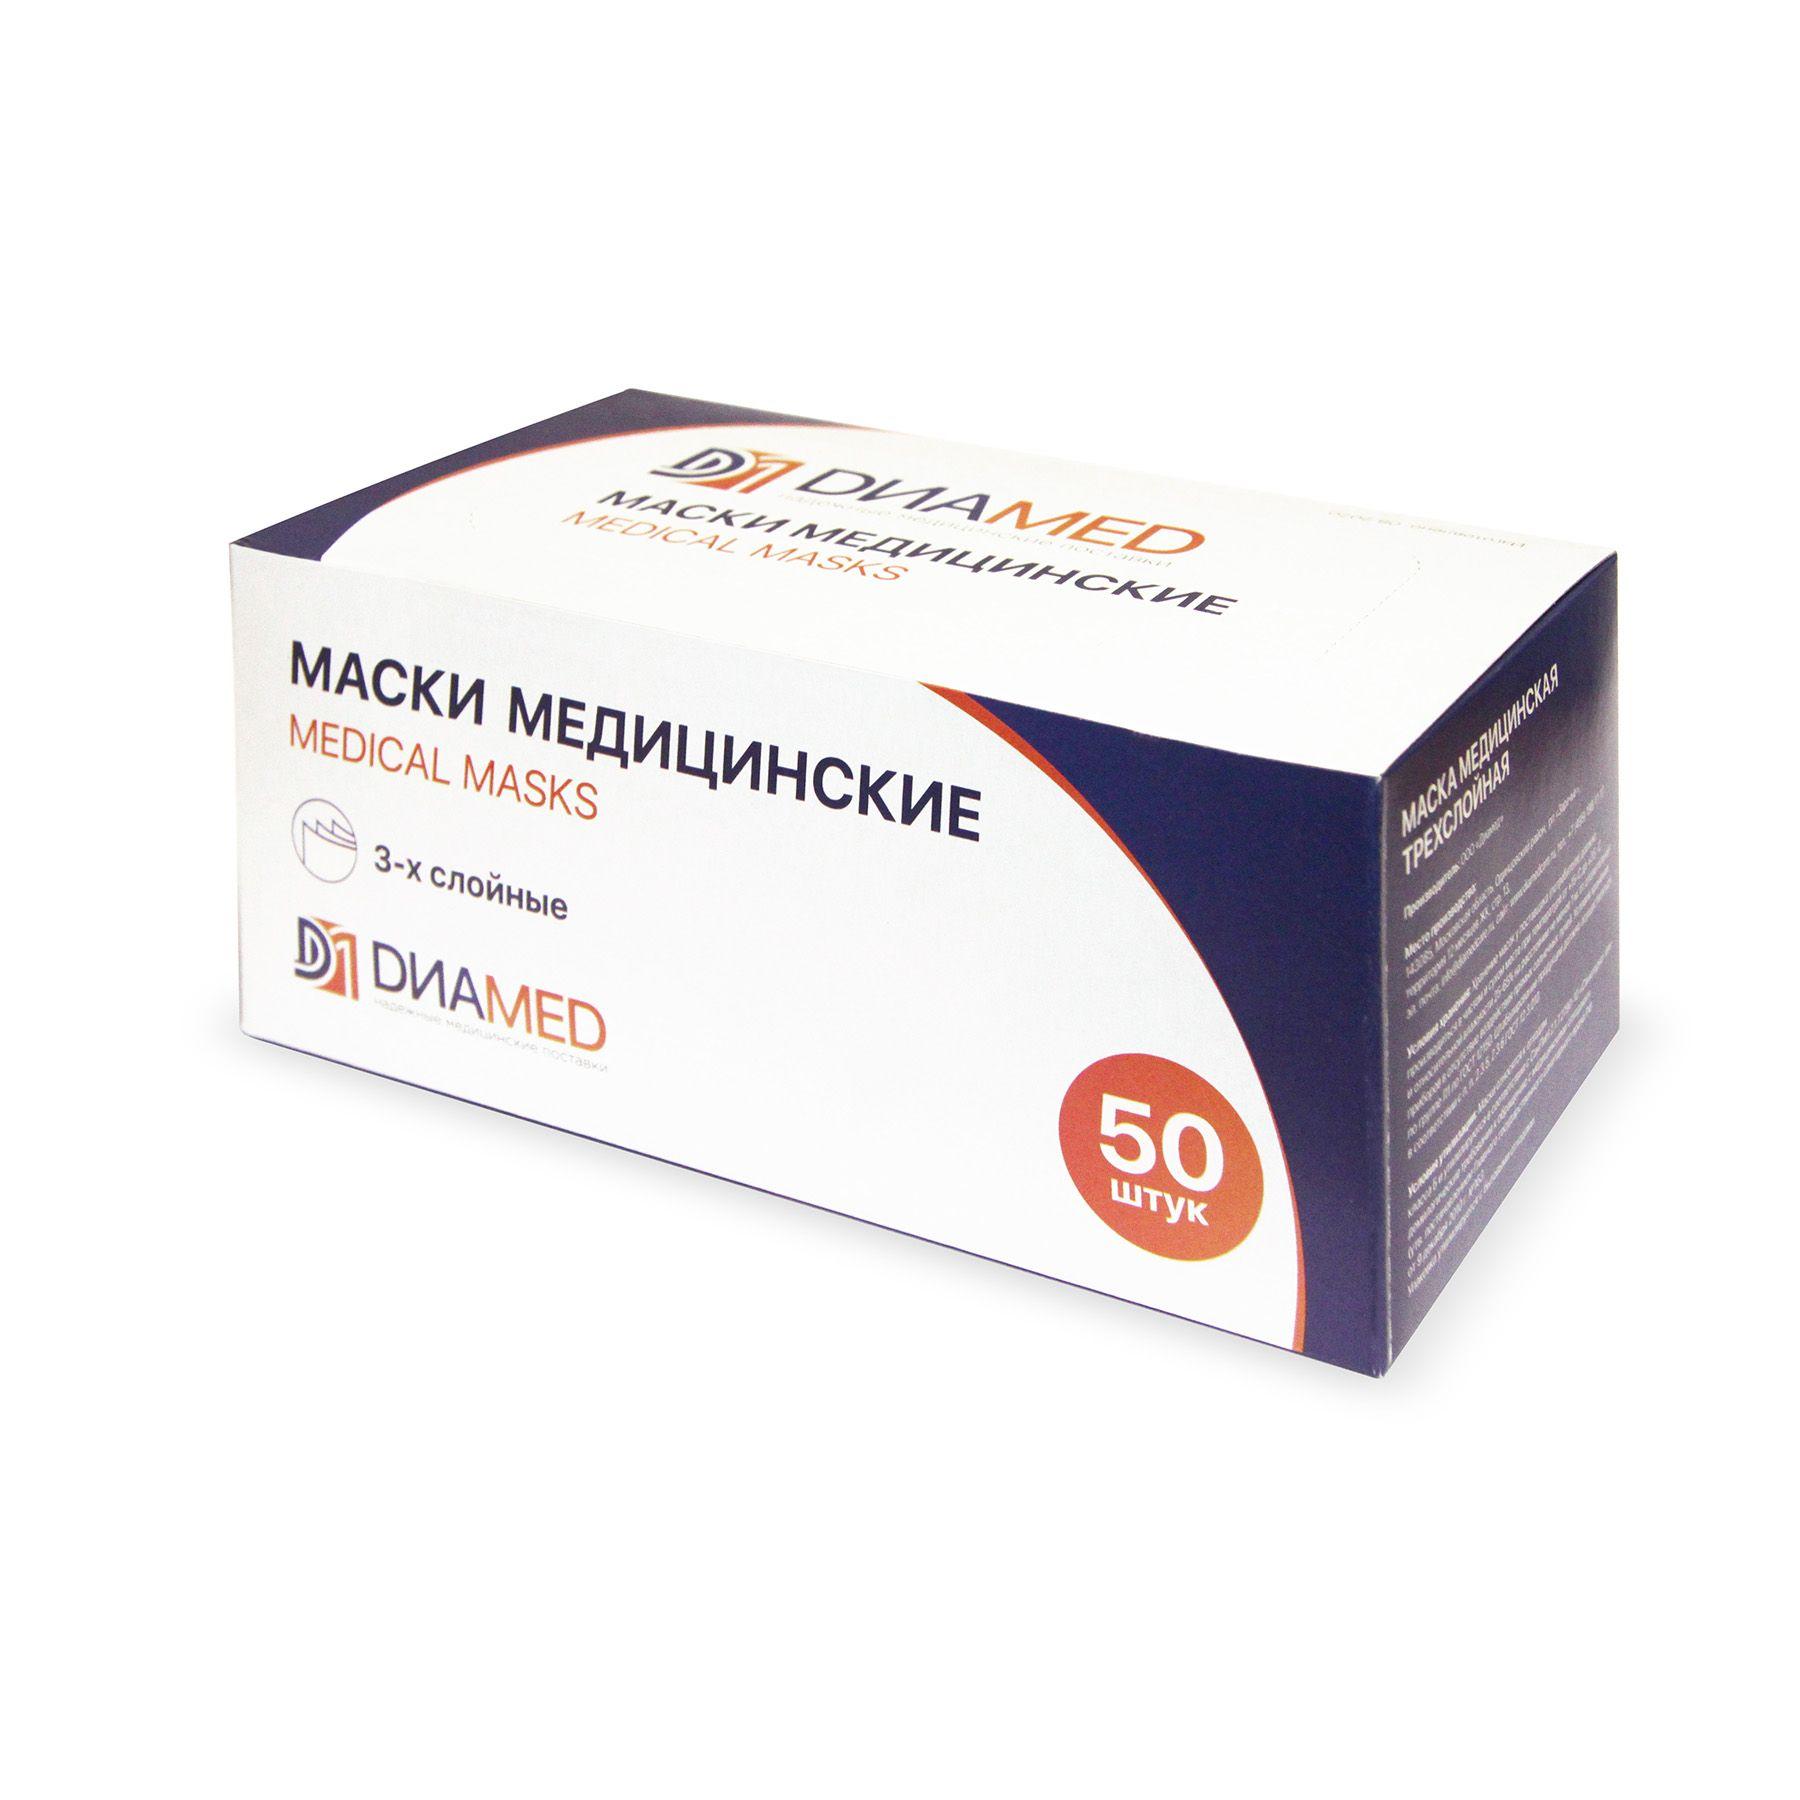 Маска одноразовая медицинская трехслойная, 50 шт